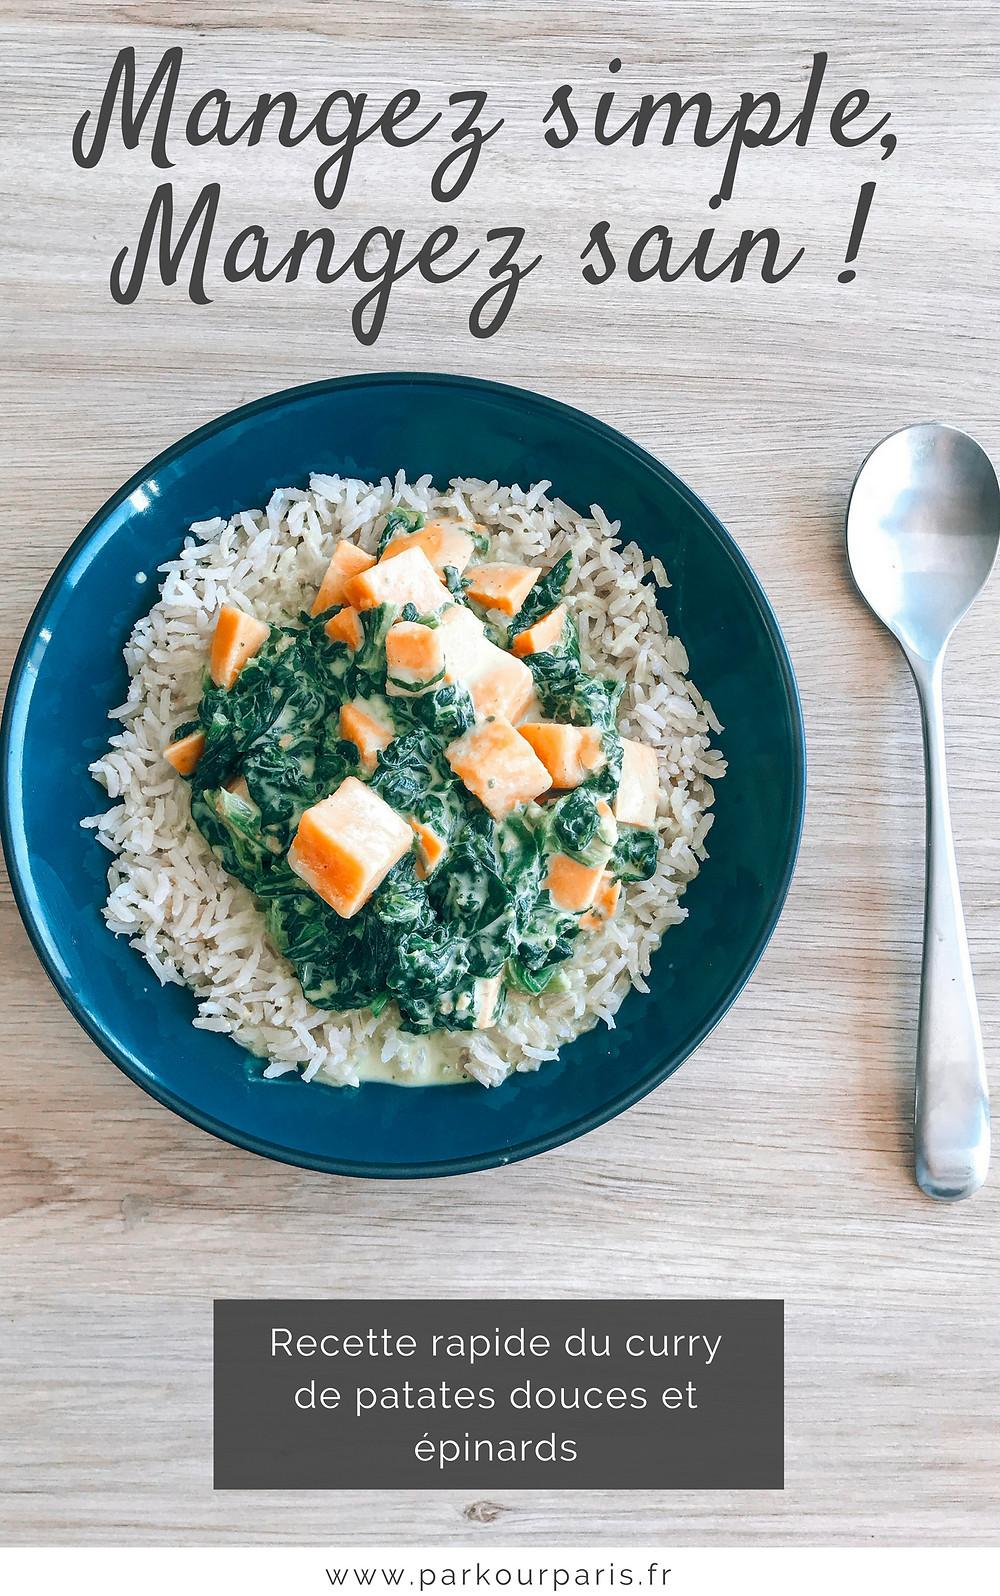 Mangez simple, mangez sain: le curry de patates douces et épinards